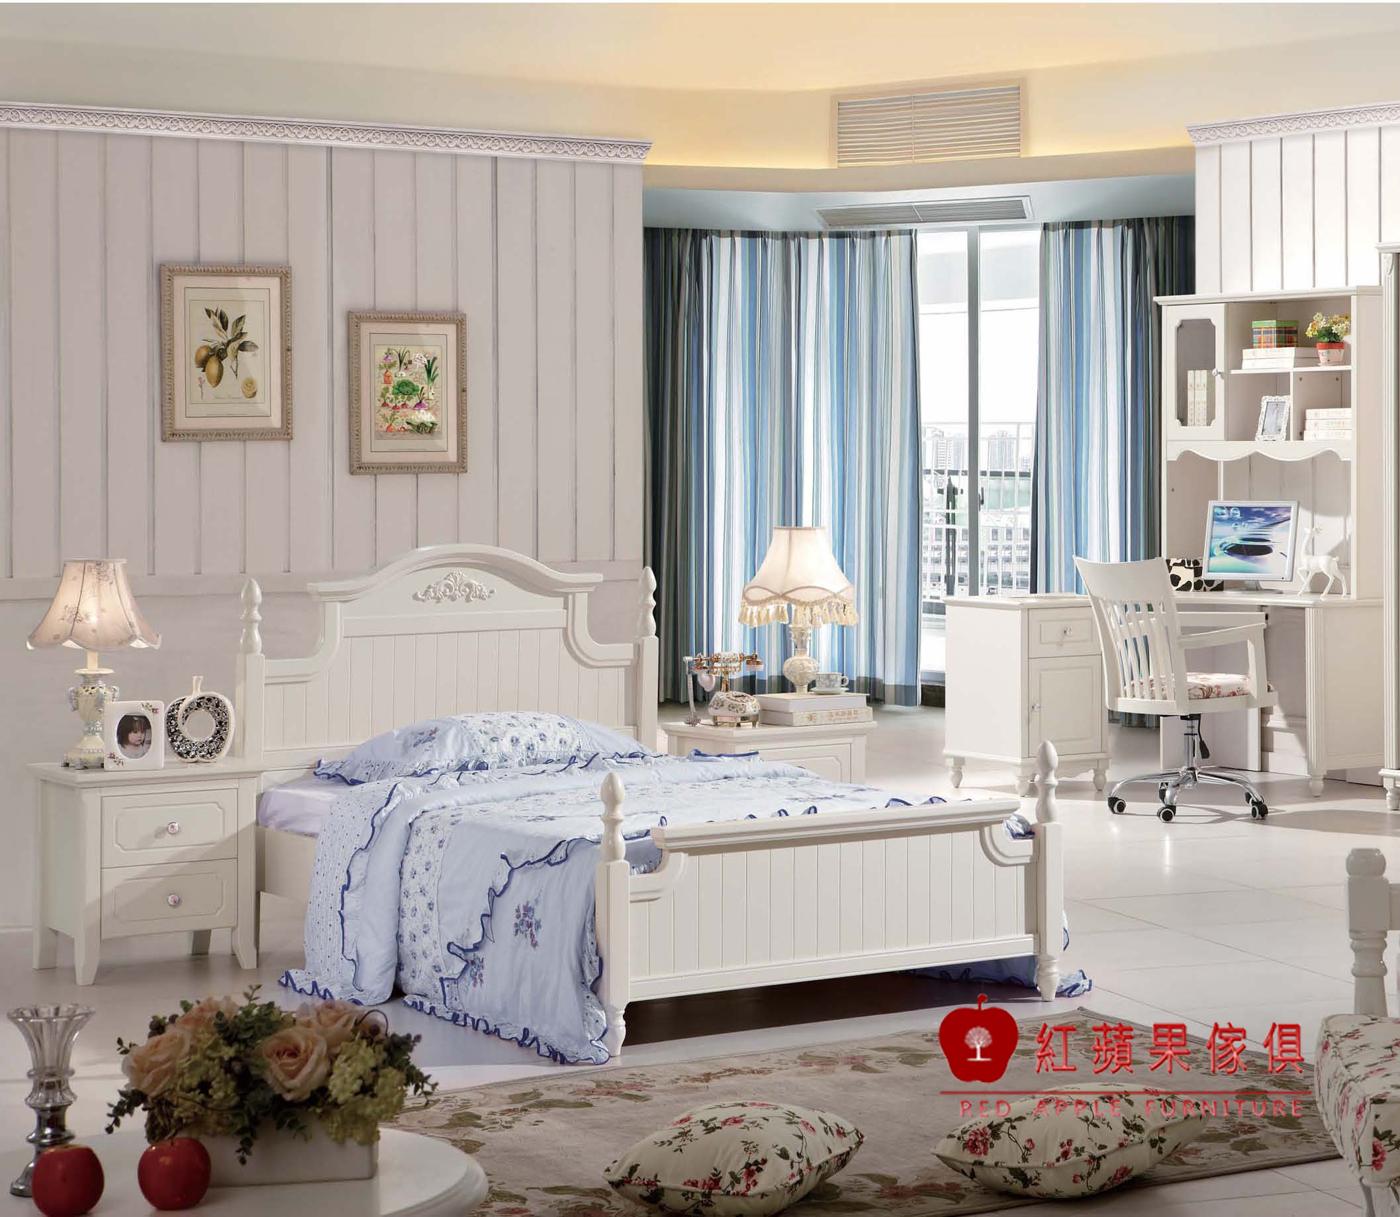 紅蘋果傢俱921極簡系列5尺床雙人床床台床架韓式簡約床組